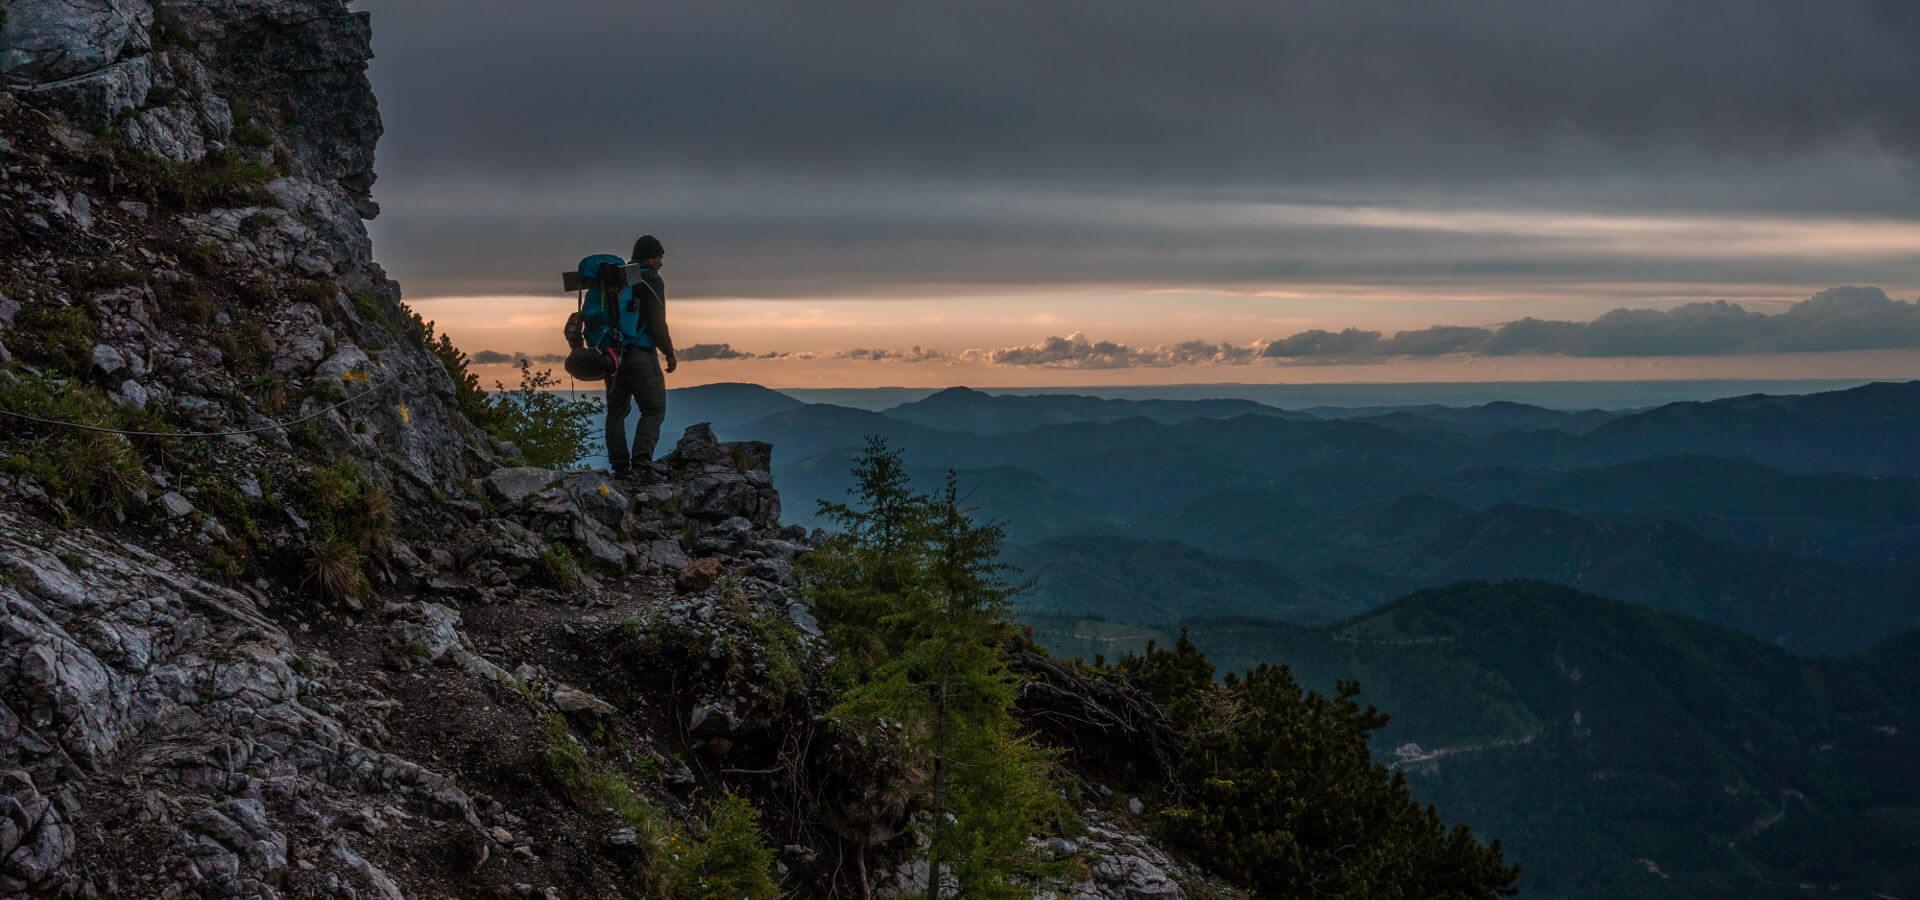 Co zabrać ze sobą idąc w góry? Moja lista rzeczy na górskie wycieczki